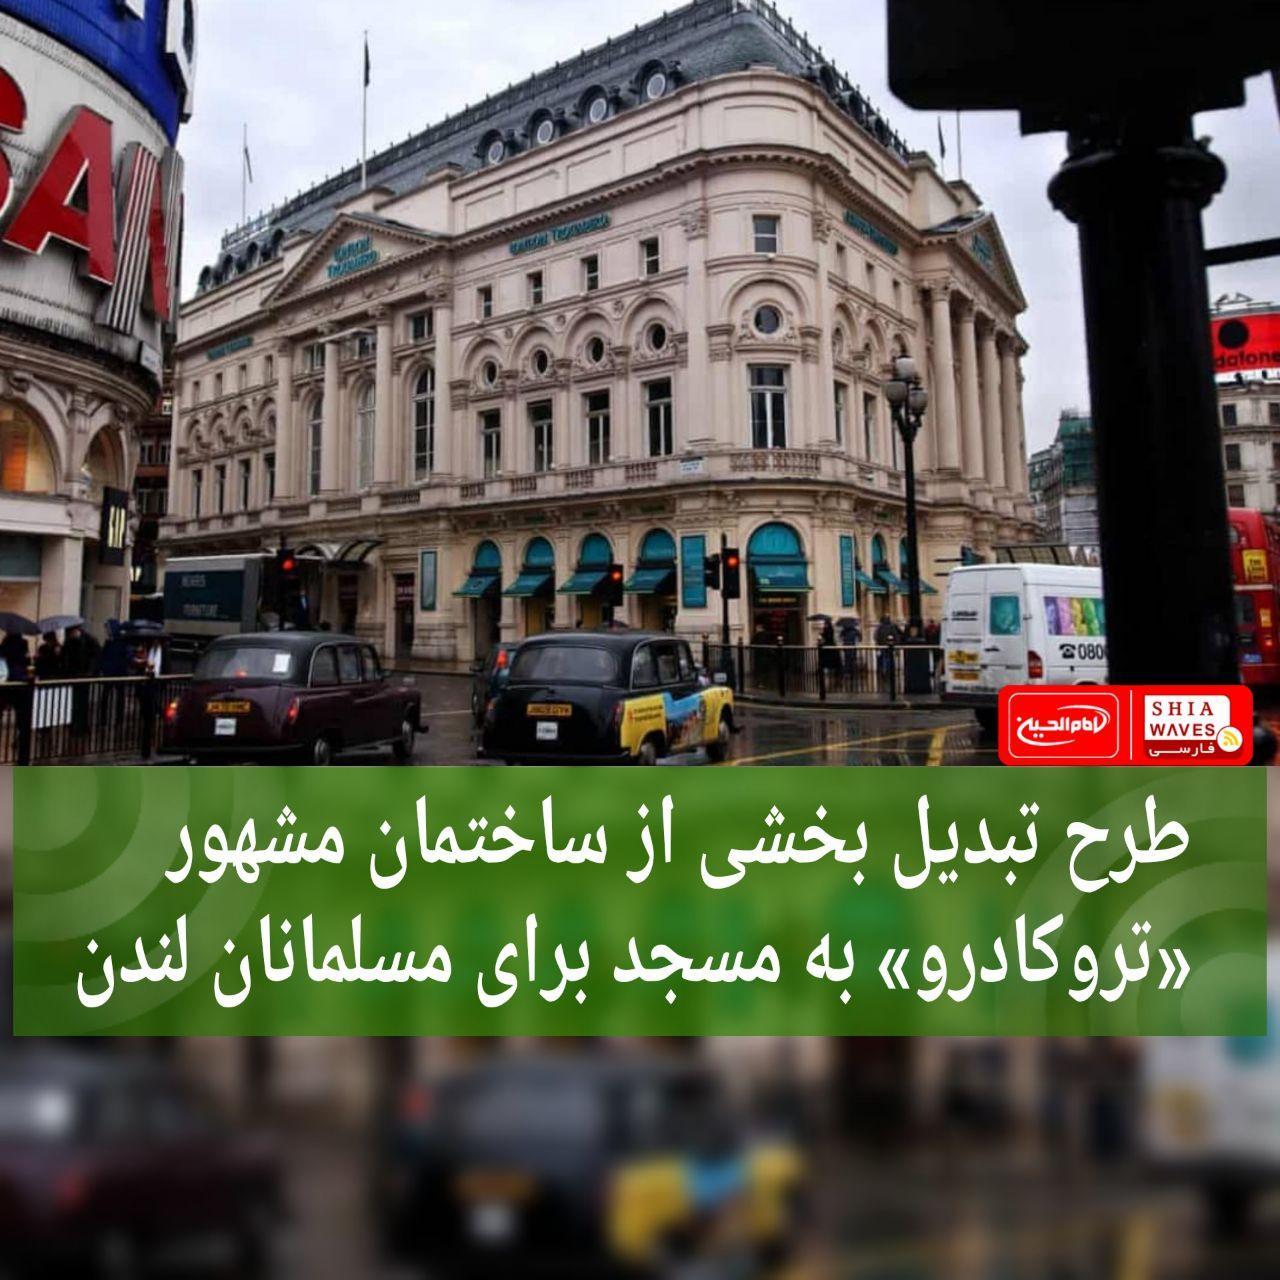 تصویر طرح تبدیل بخشی از ساختمان مشهور «تروکادرو» به مسجد برای مسلمانان لندن